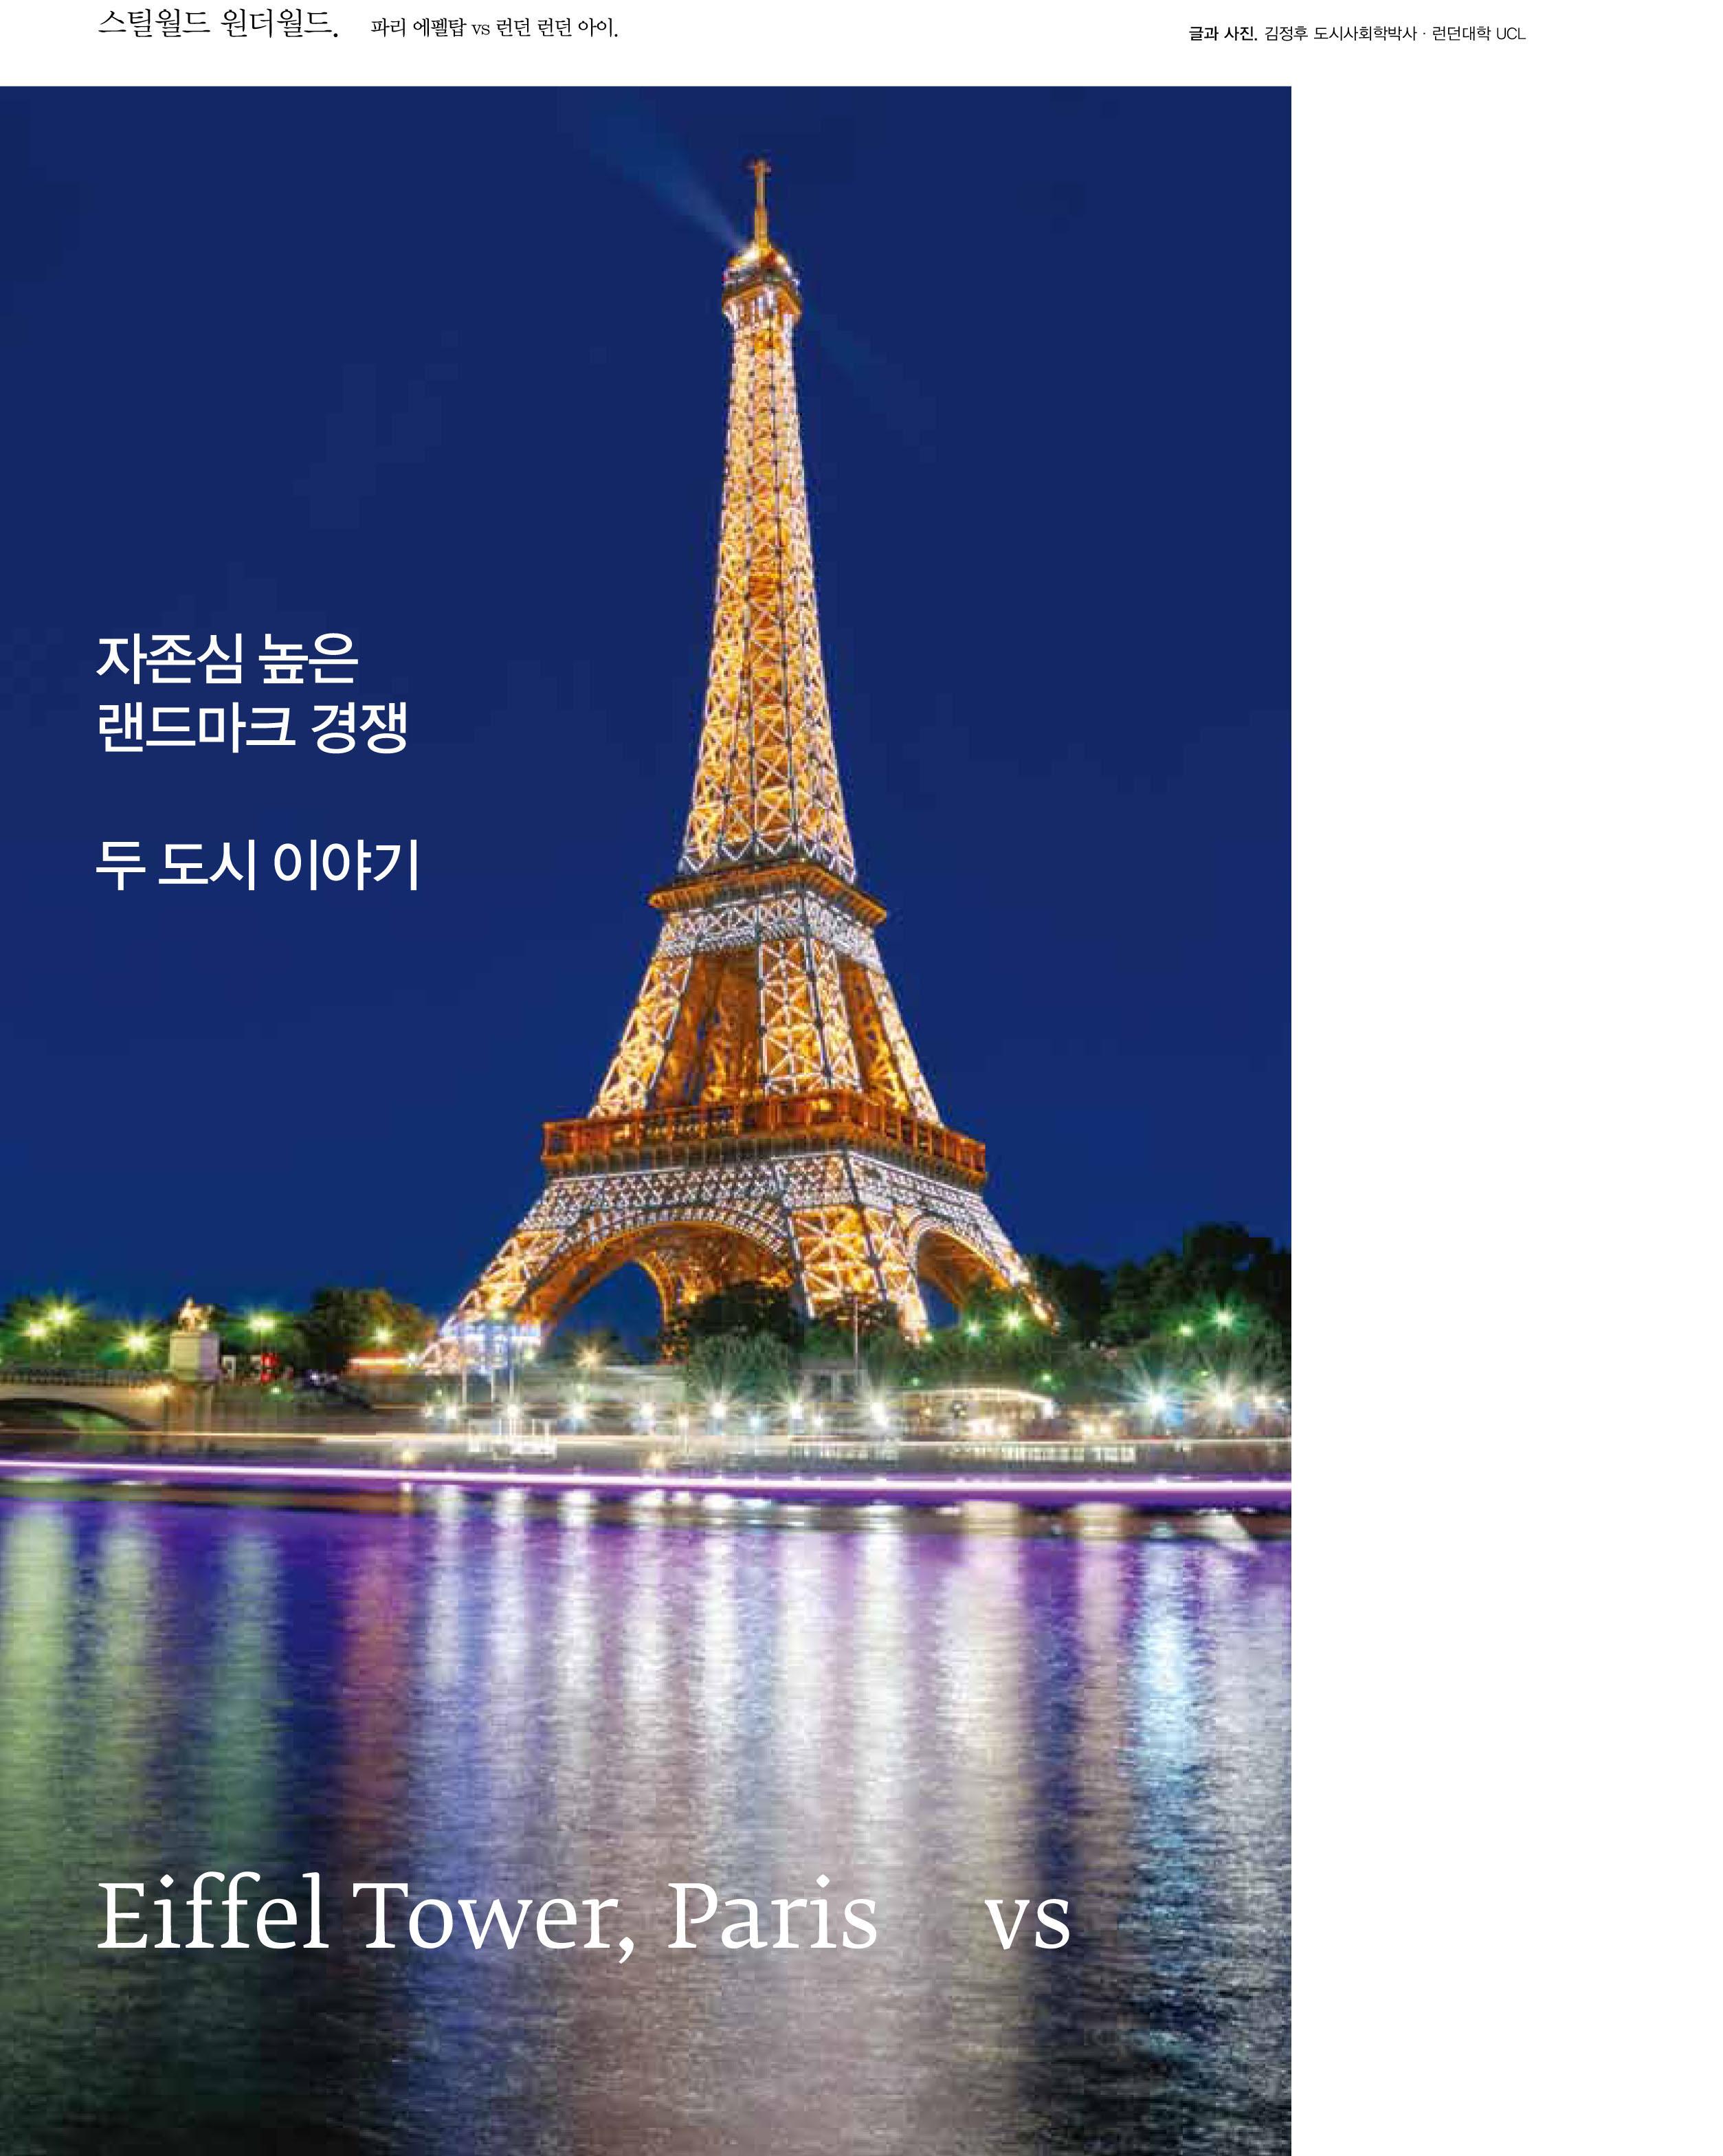 두 건축 이야기 1: 에펠탑과 런던 아이